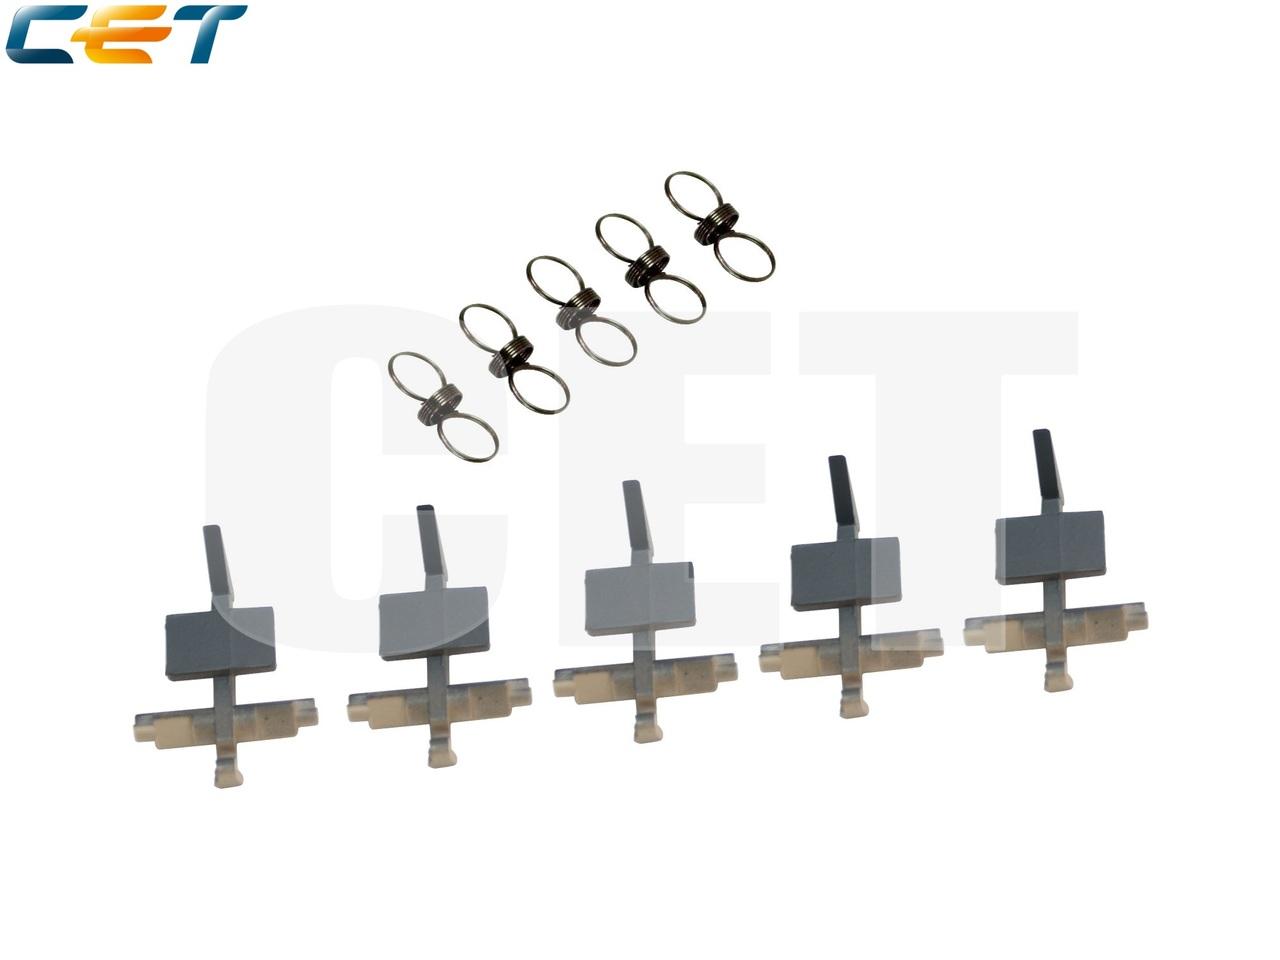 Сепаратор тефлонового вала с пружиной AE04-4040,AE04-4062 для RICOH Aficio 1015/1018 (CET), CET6173,CET6173R